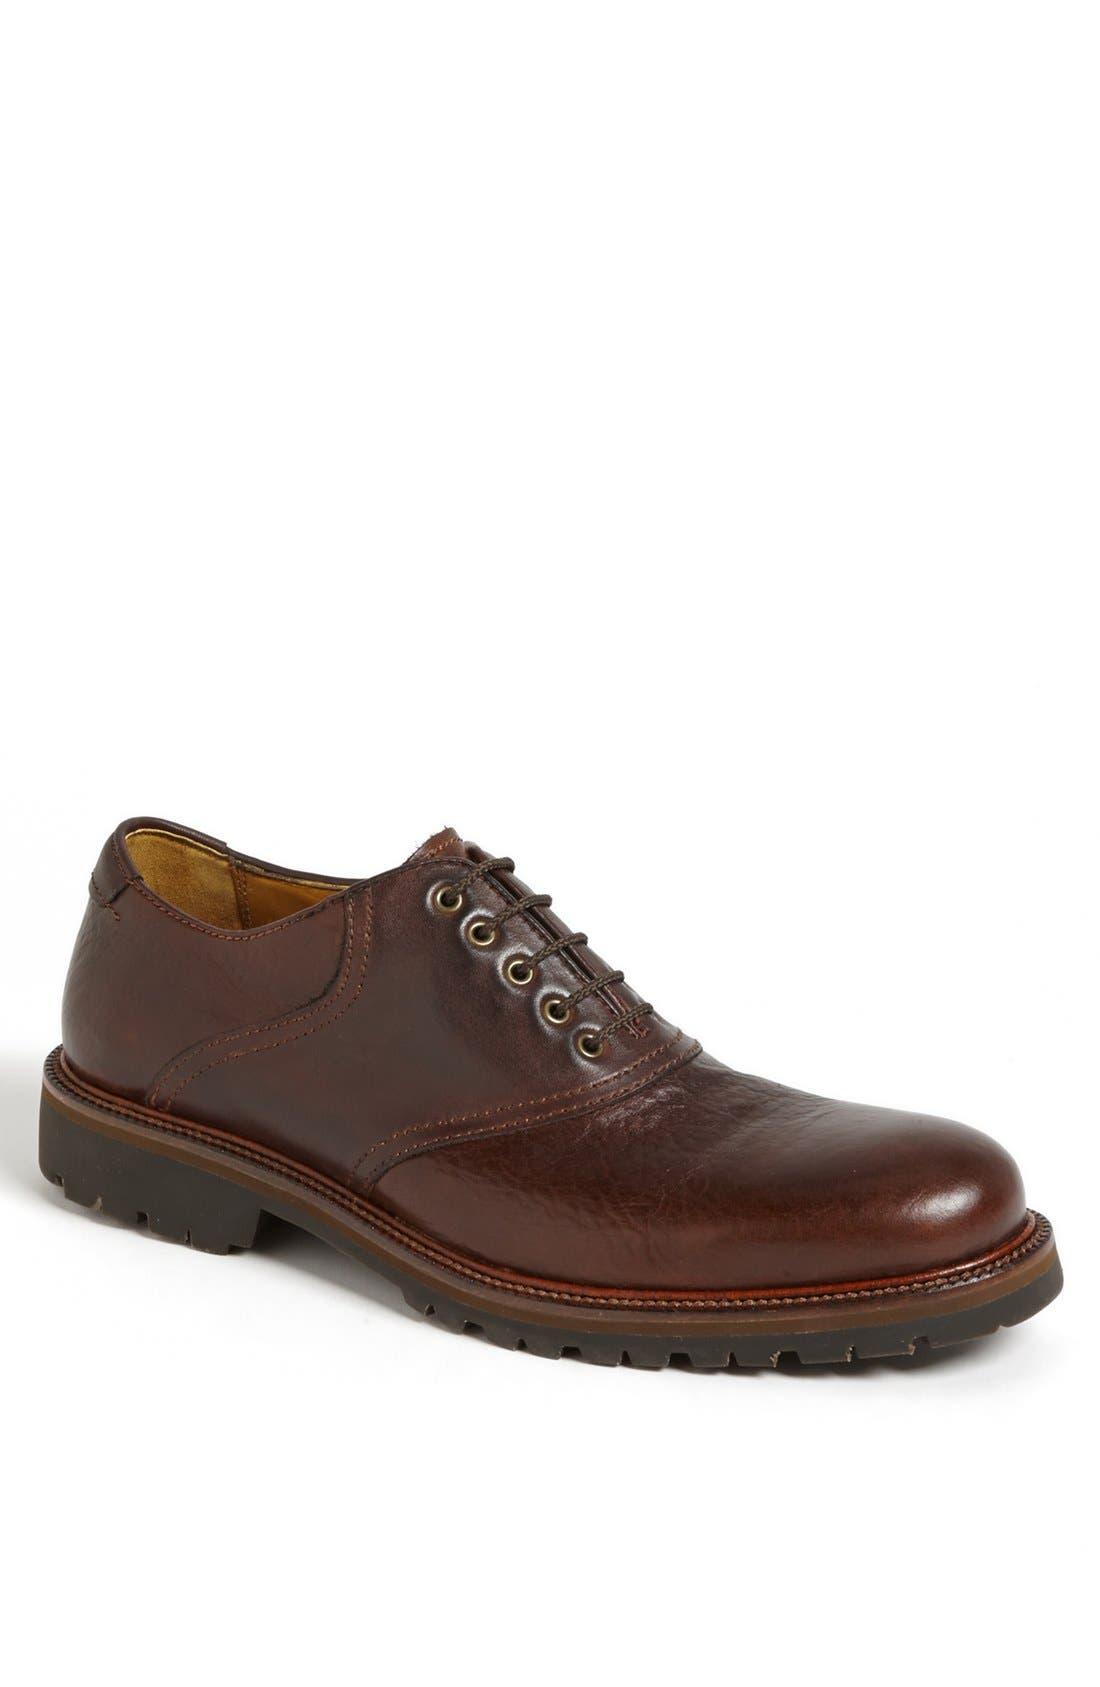 Alternate Image 1 Selected - Trask 'Garland' Saddle Shoe (Men) (Online Only)